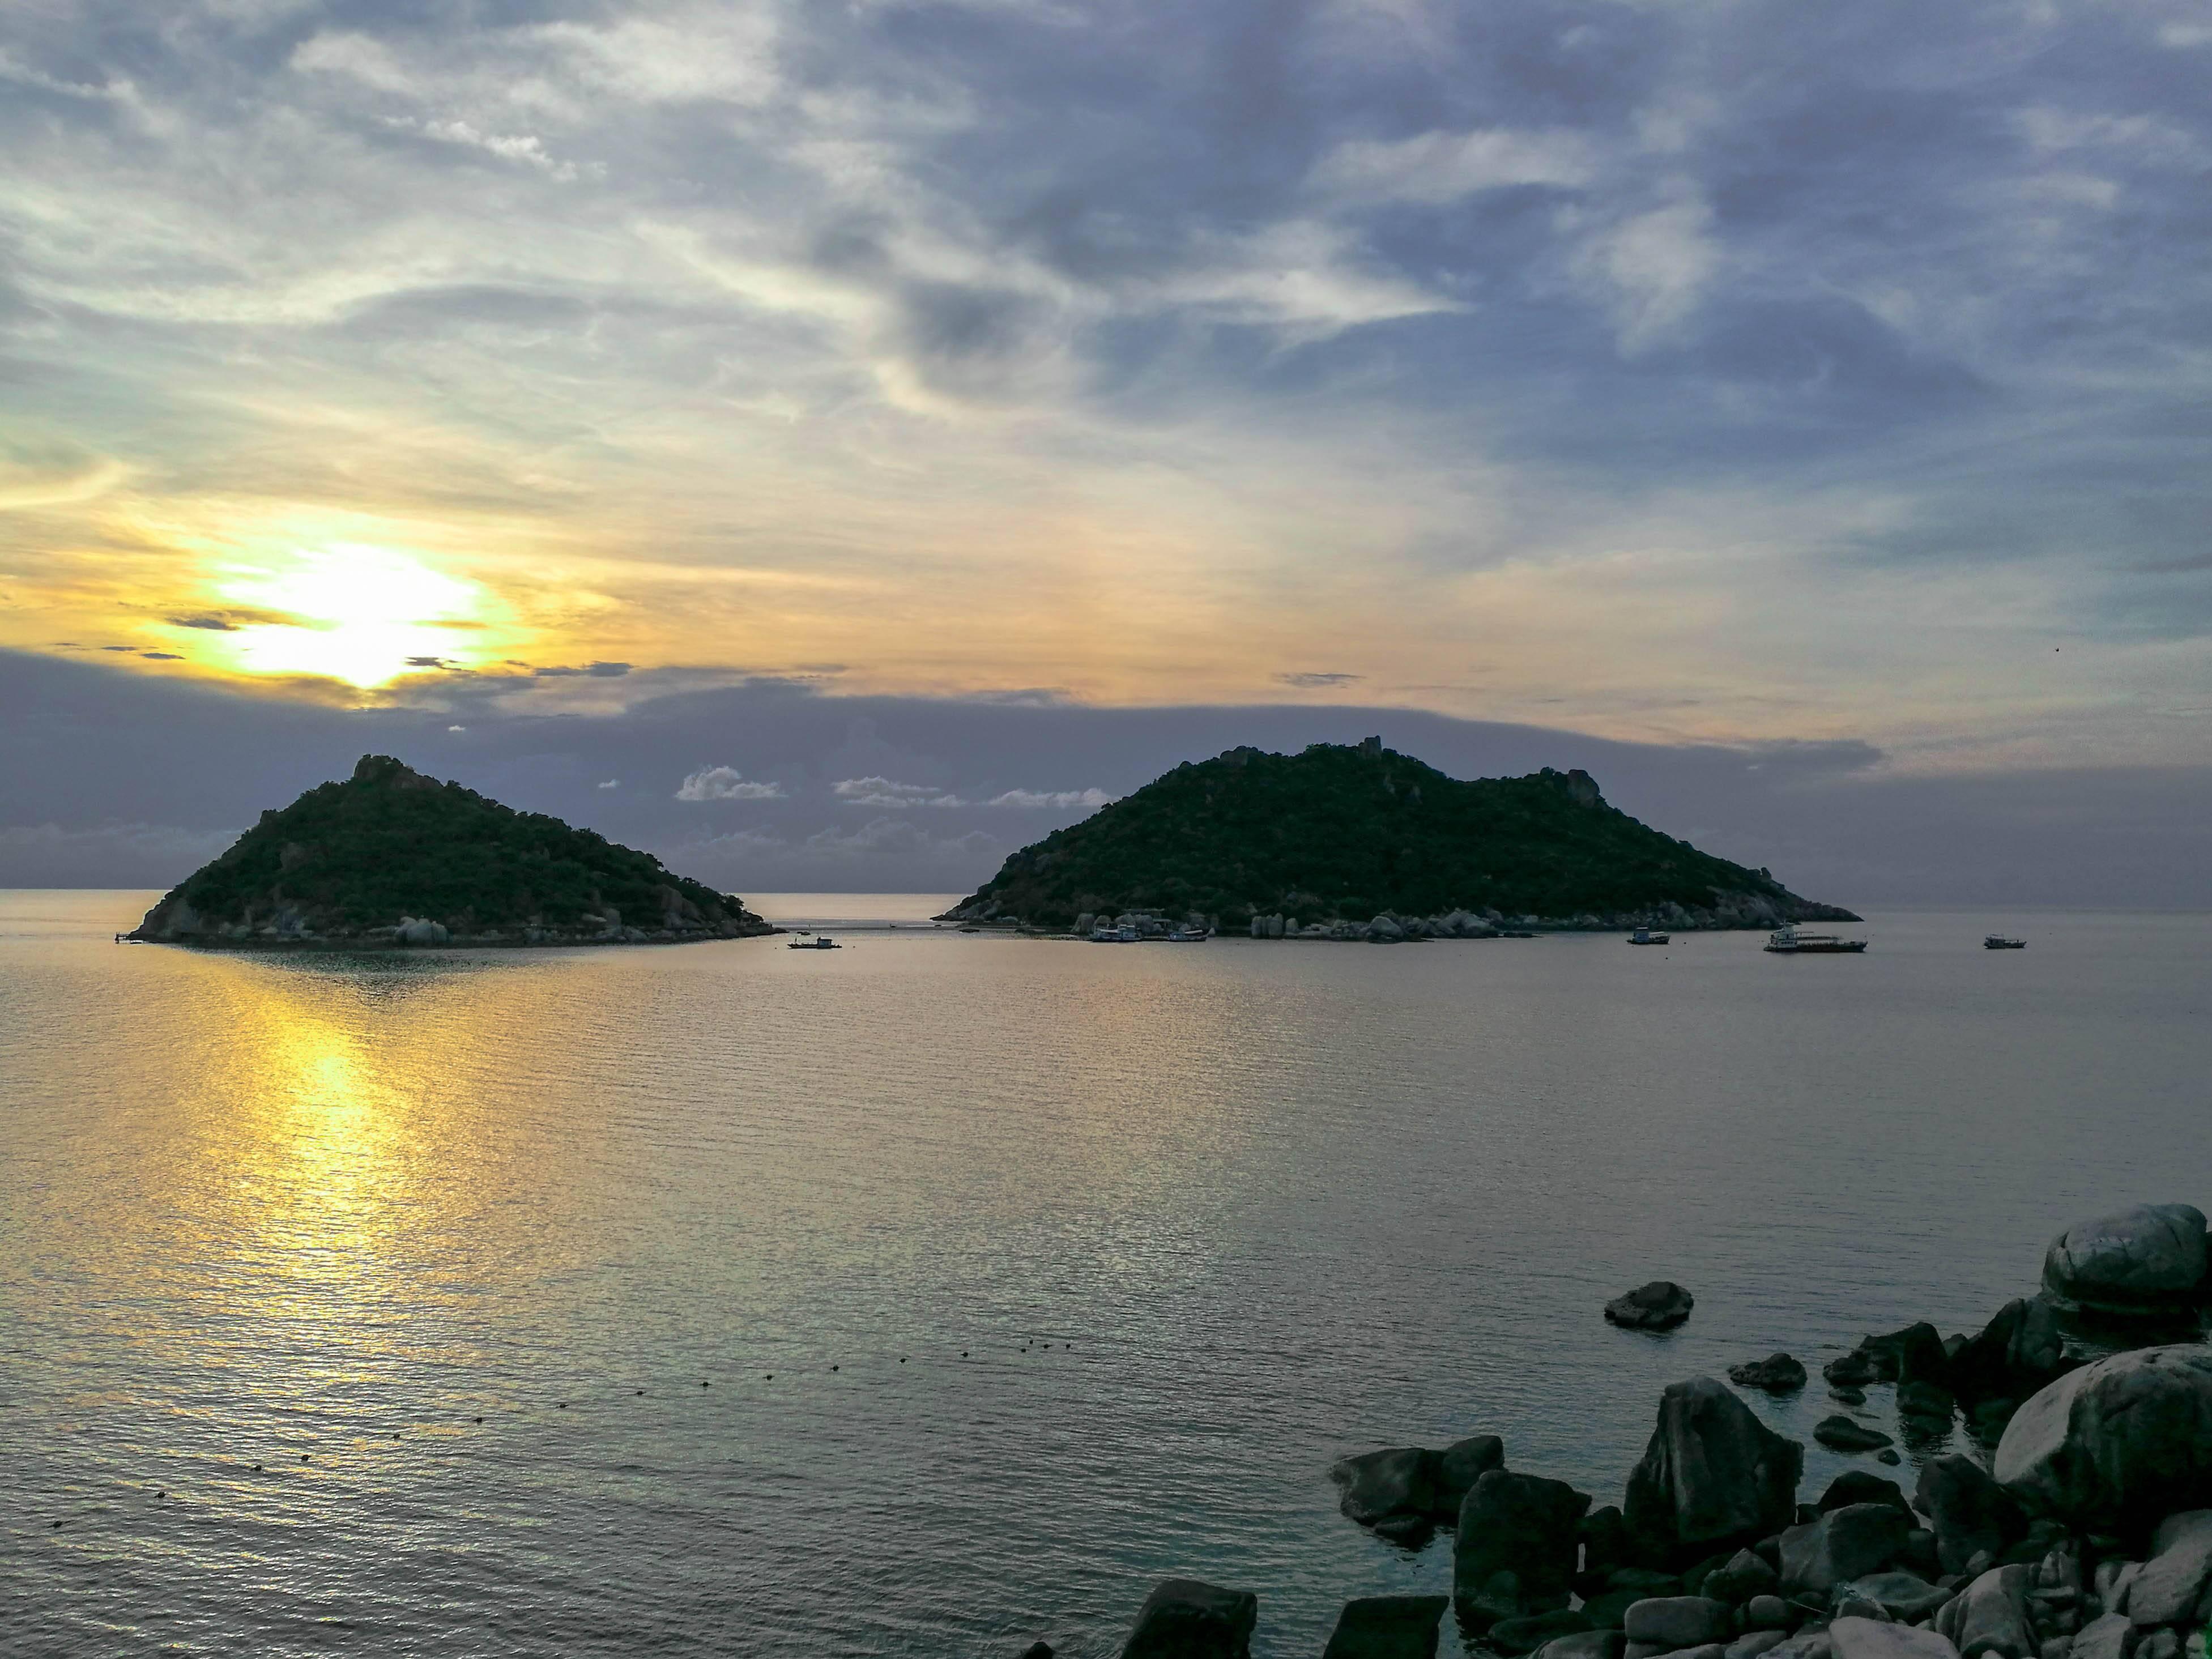 Koh Tao - Mirante do Dusit Buncha Resort. Ao fundo estão as Koh Nang Yuan - Dusit Buncha viewpoint